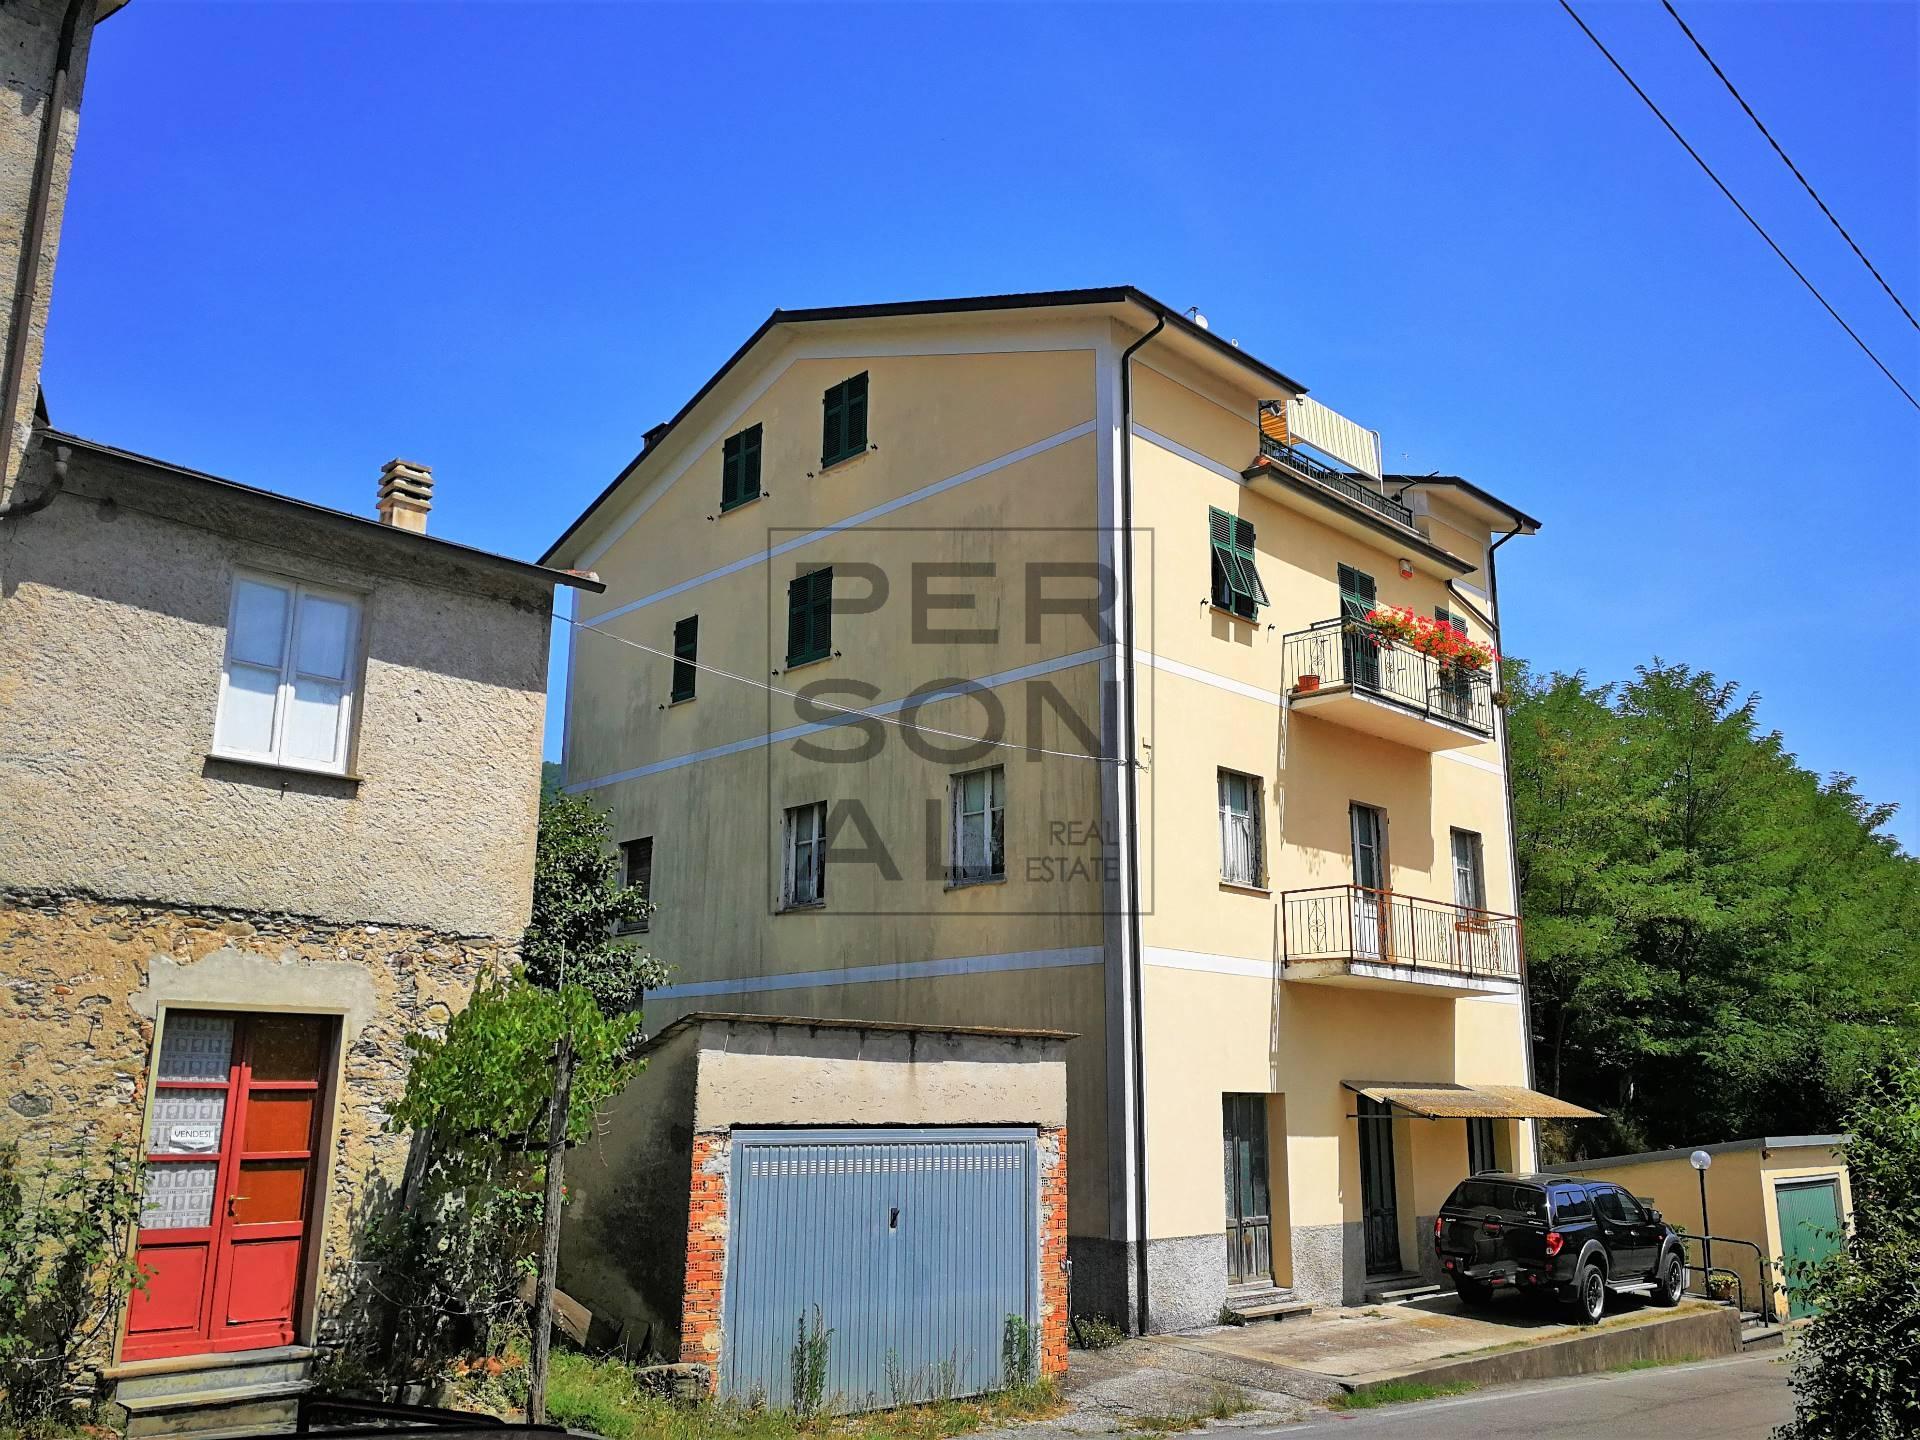 Appartamento in vendita a Moconesi, 5 locali, zona Zona: Ferrada, prezzo € 57.000 | CambioCasa.it